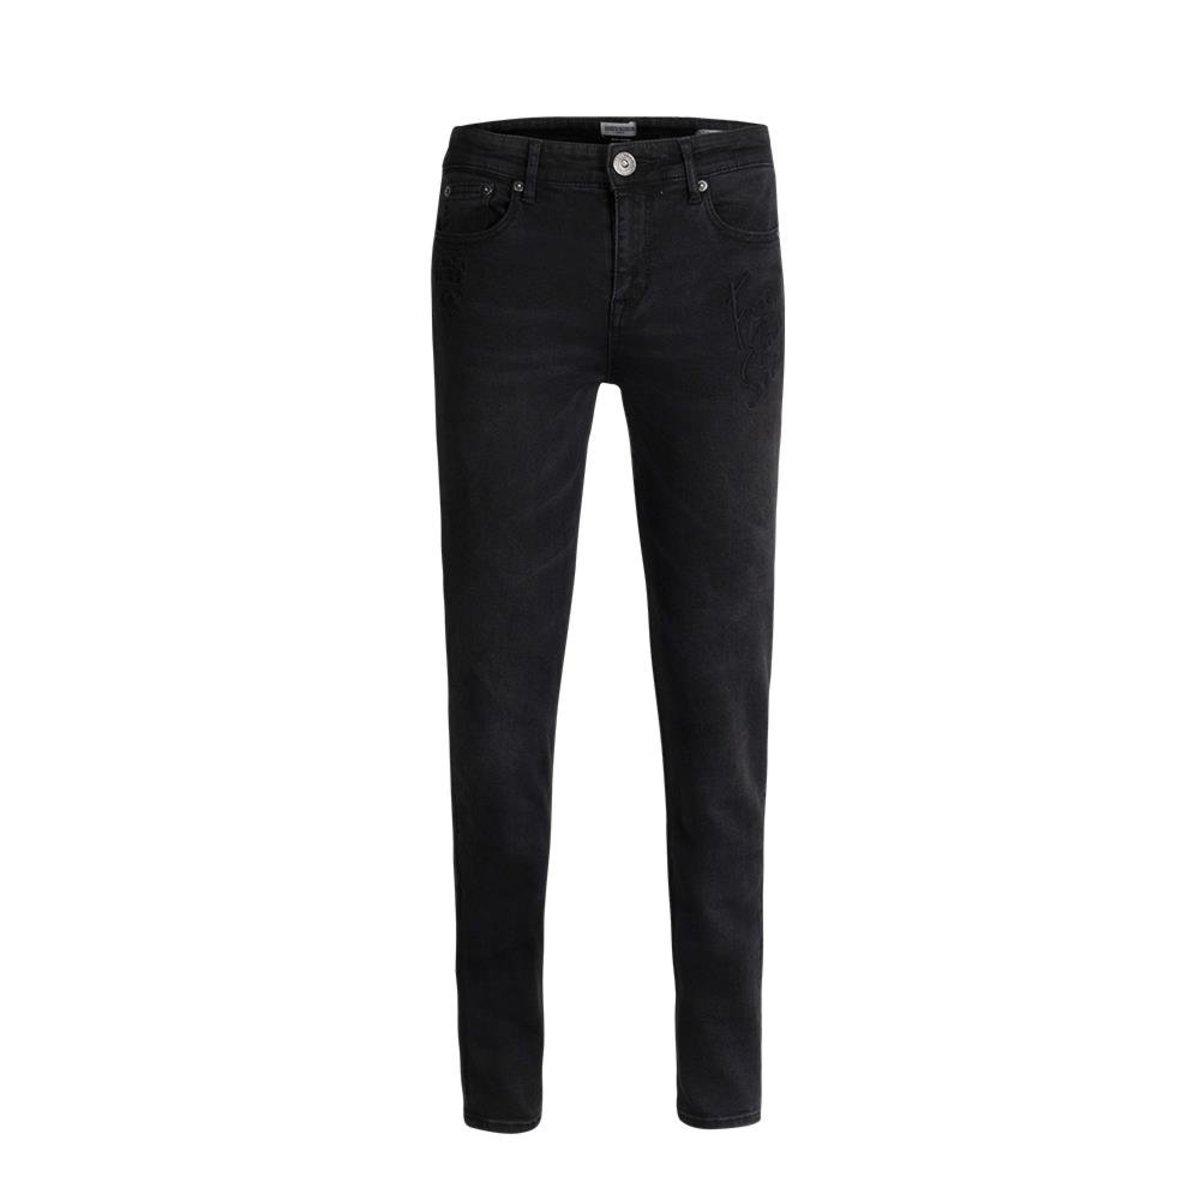 Ladies' Slim Taper Embroidery Jeans